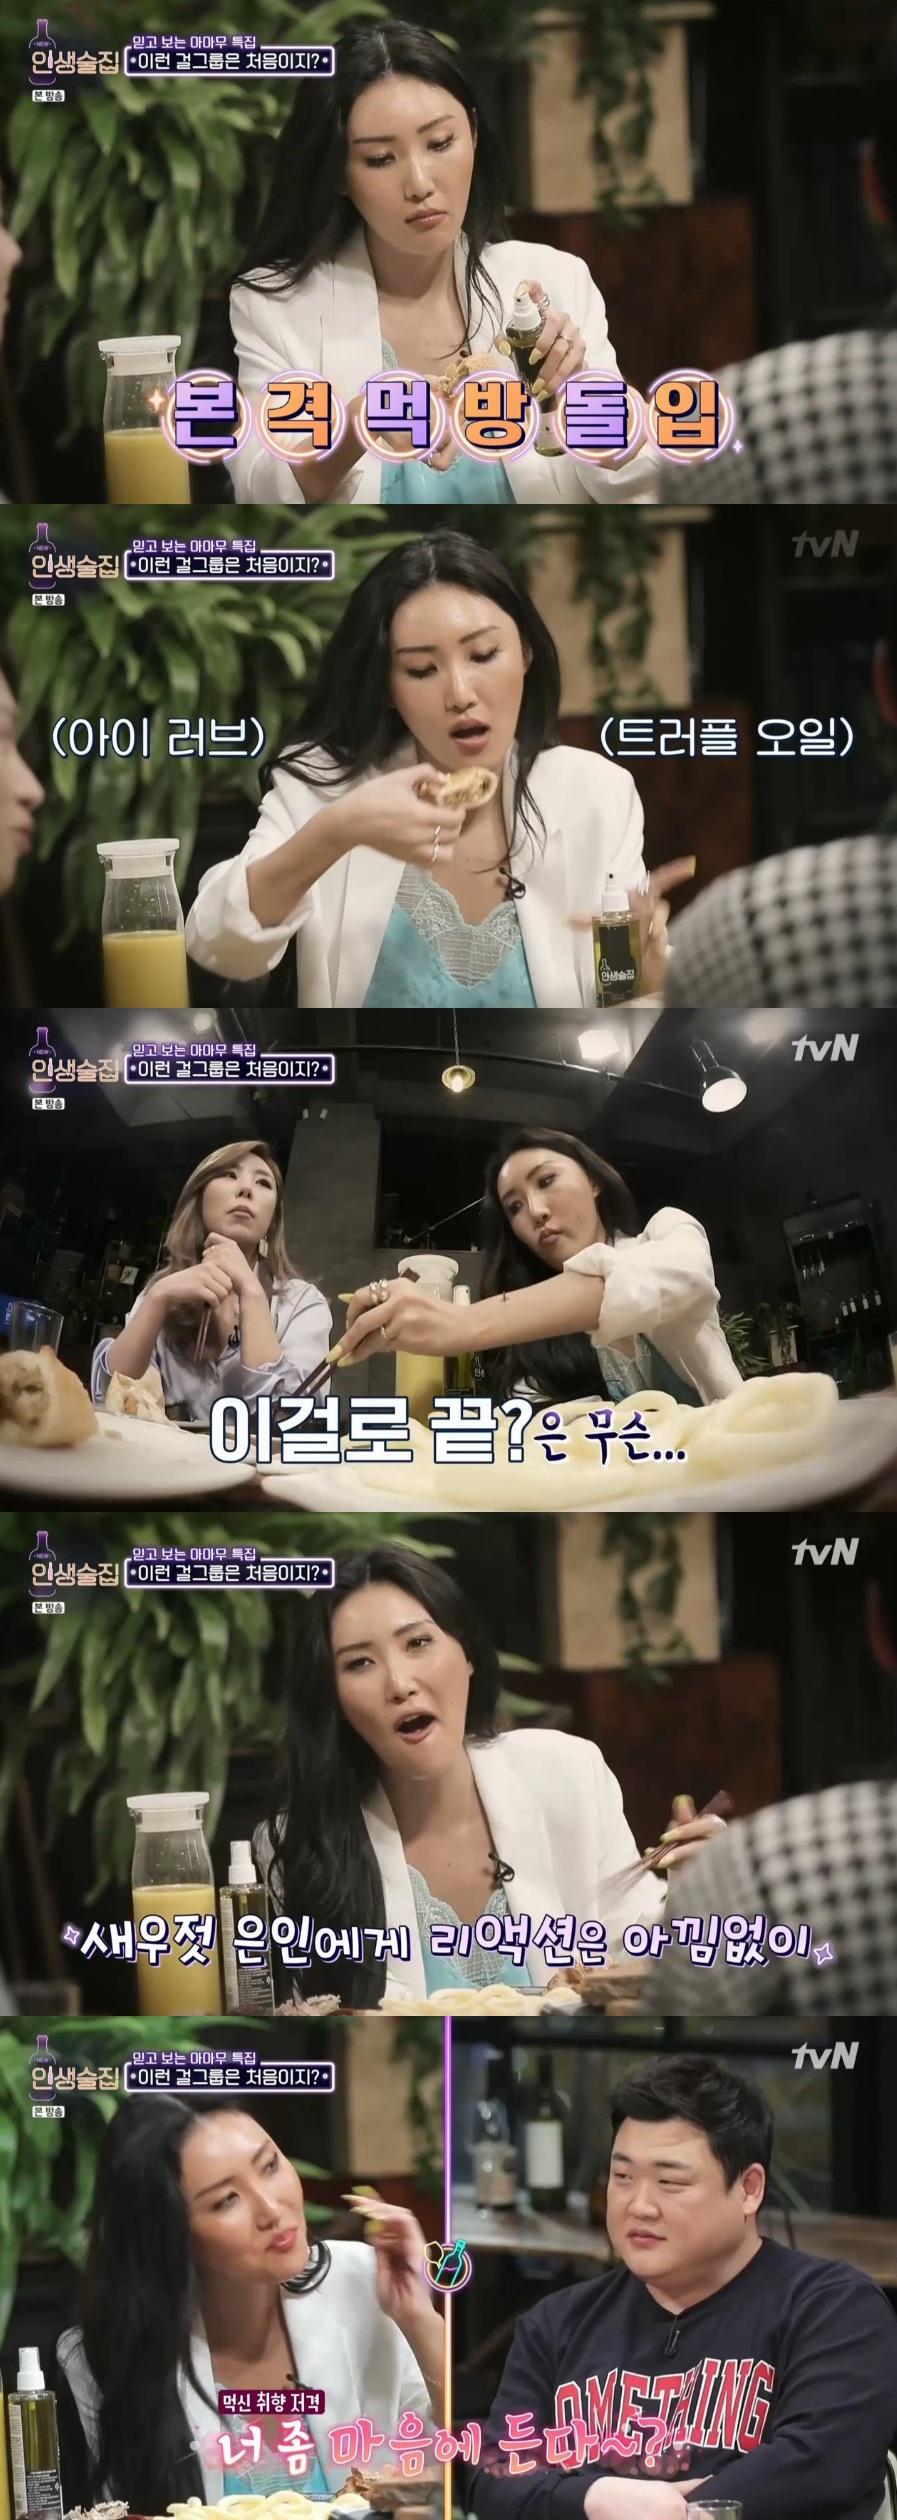 '인생술집' 화사, 방송중에도 끊임없이 취식…'먹방요정'의 진면모